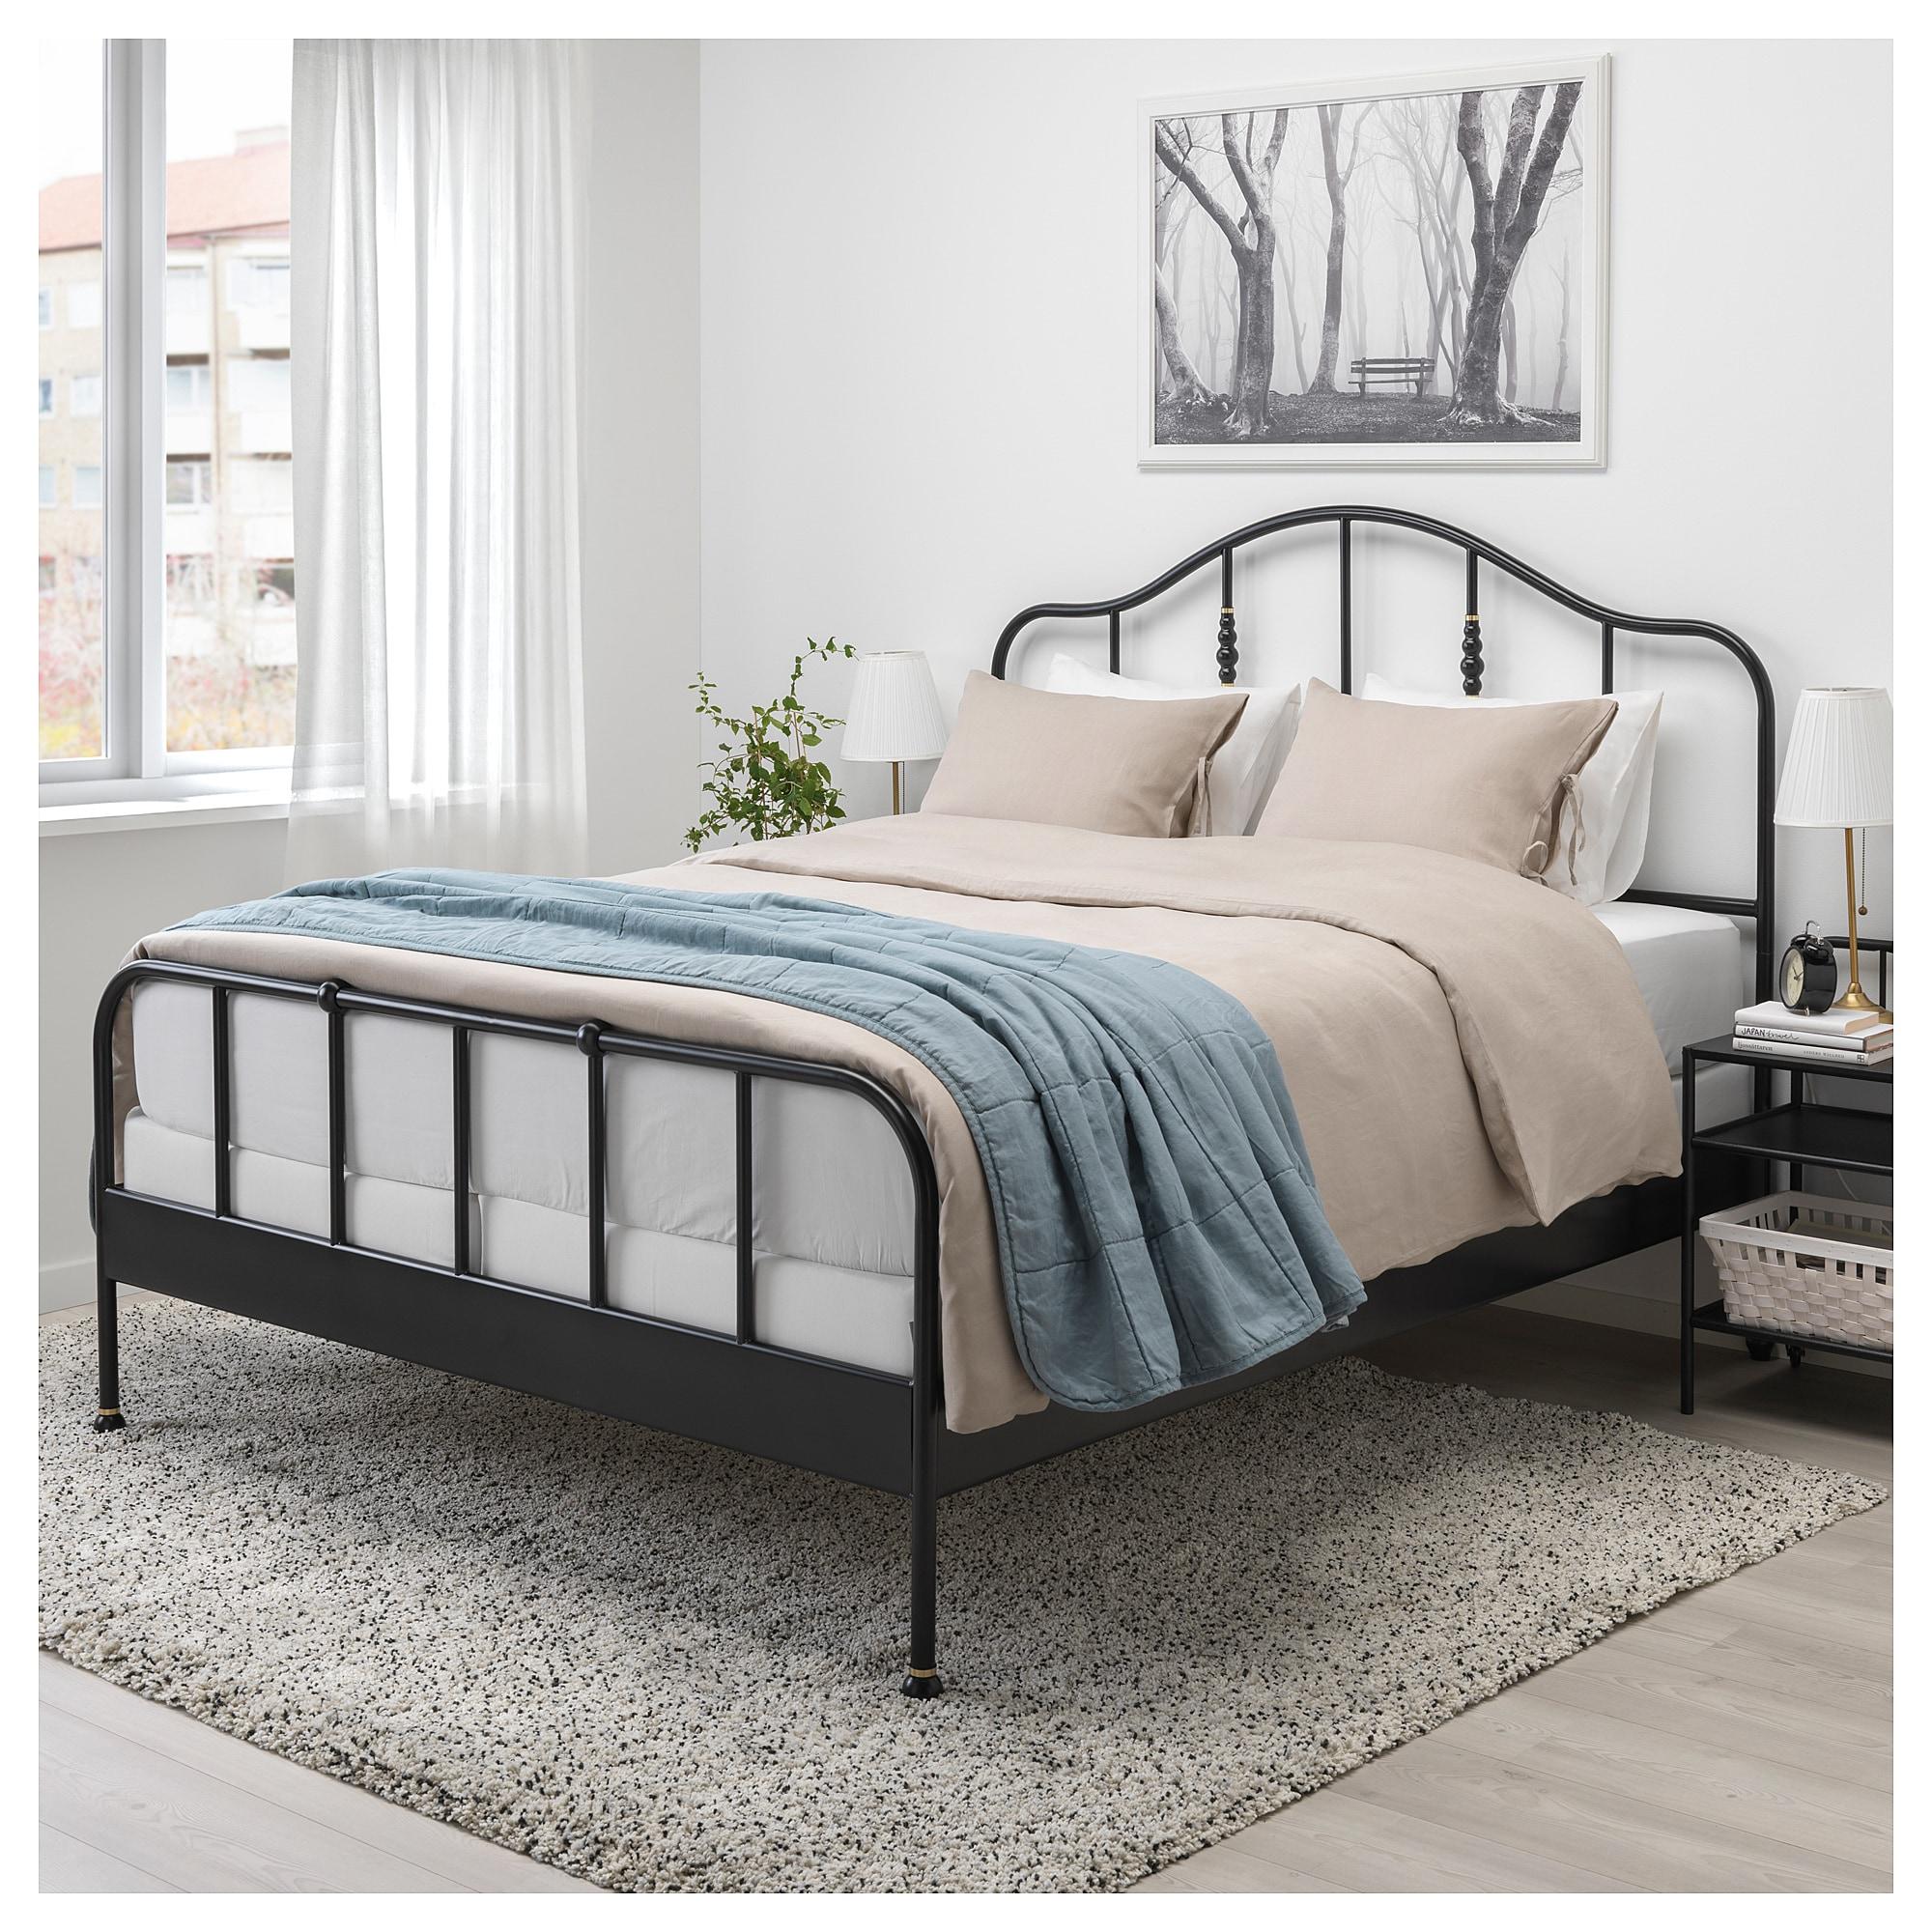 Sagstua Bed Frame Black Eidfjord Queen Bed Frame Double Bed Frame Comfort Mattress